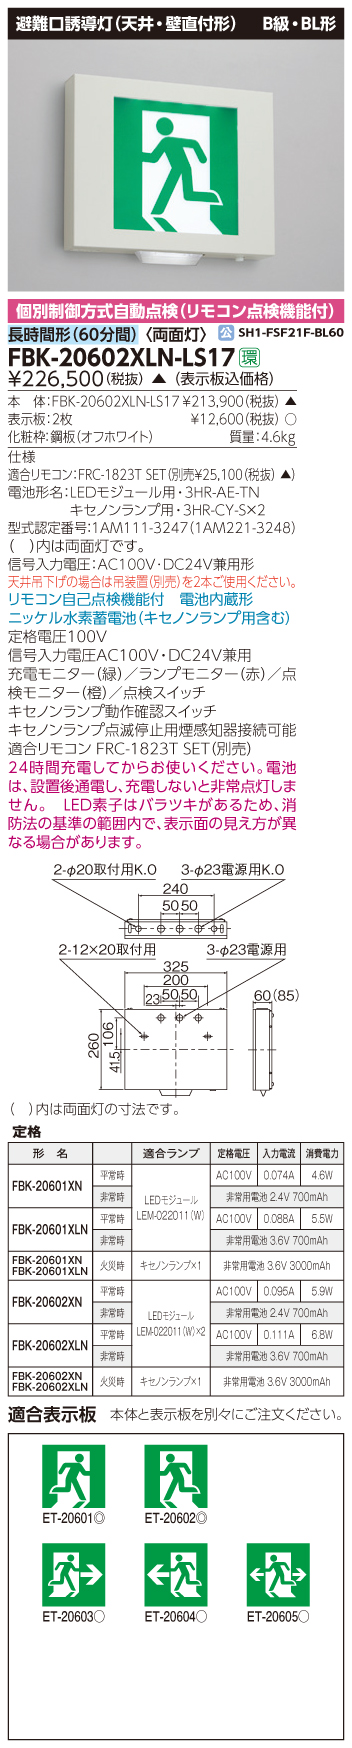 【法人様限定】東芝 FBK-20602XLN-LS17 LED誘導灯 天井・壁直付形 天井吊下形 点滅形 電池内蔵 両面 B級BL形 長時間 【表示板別売】